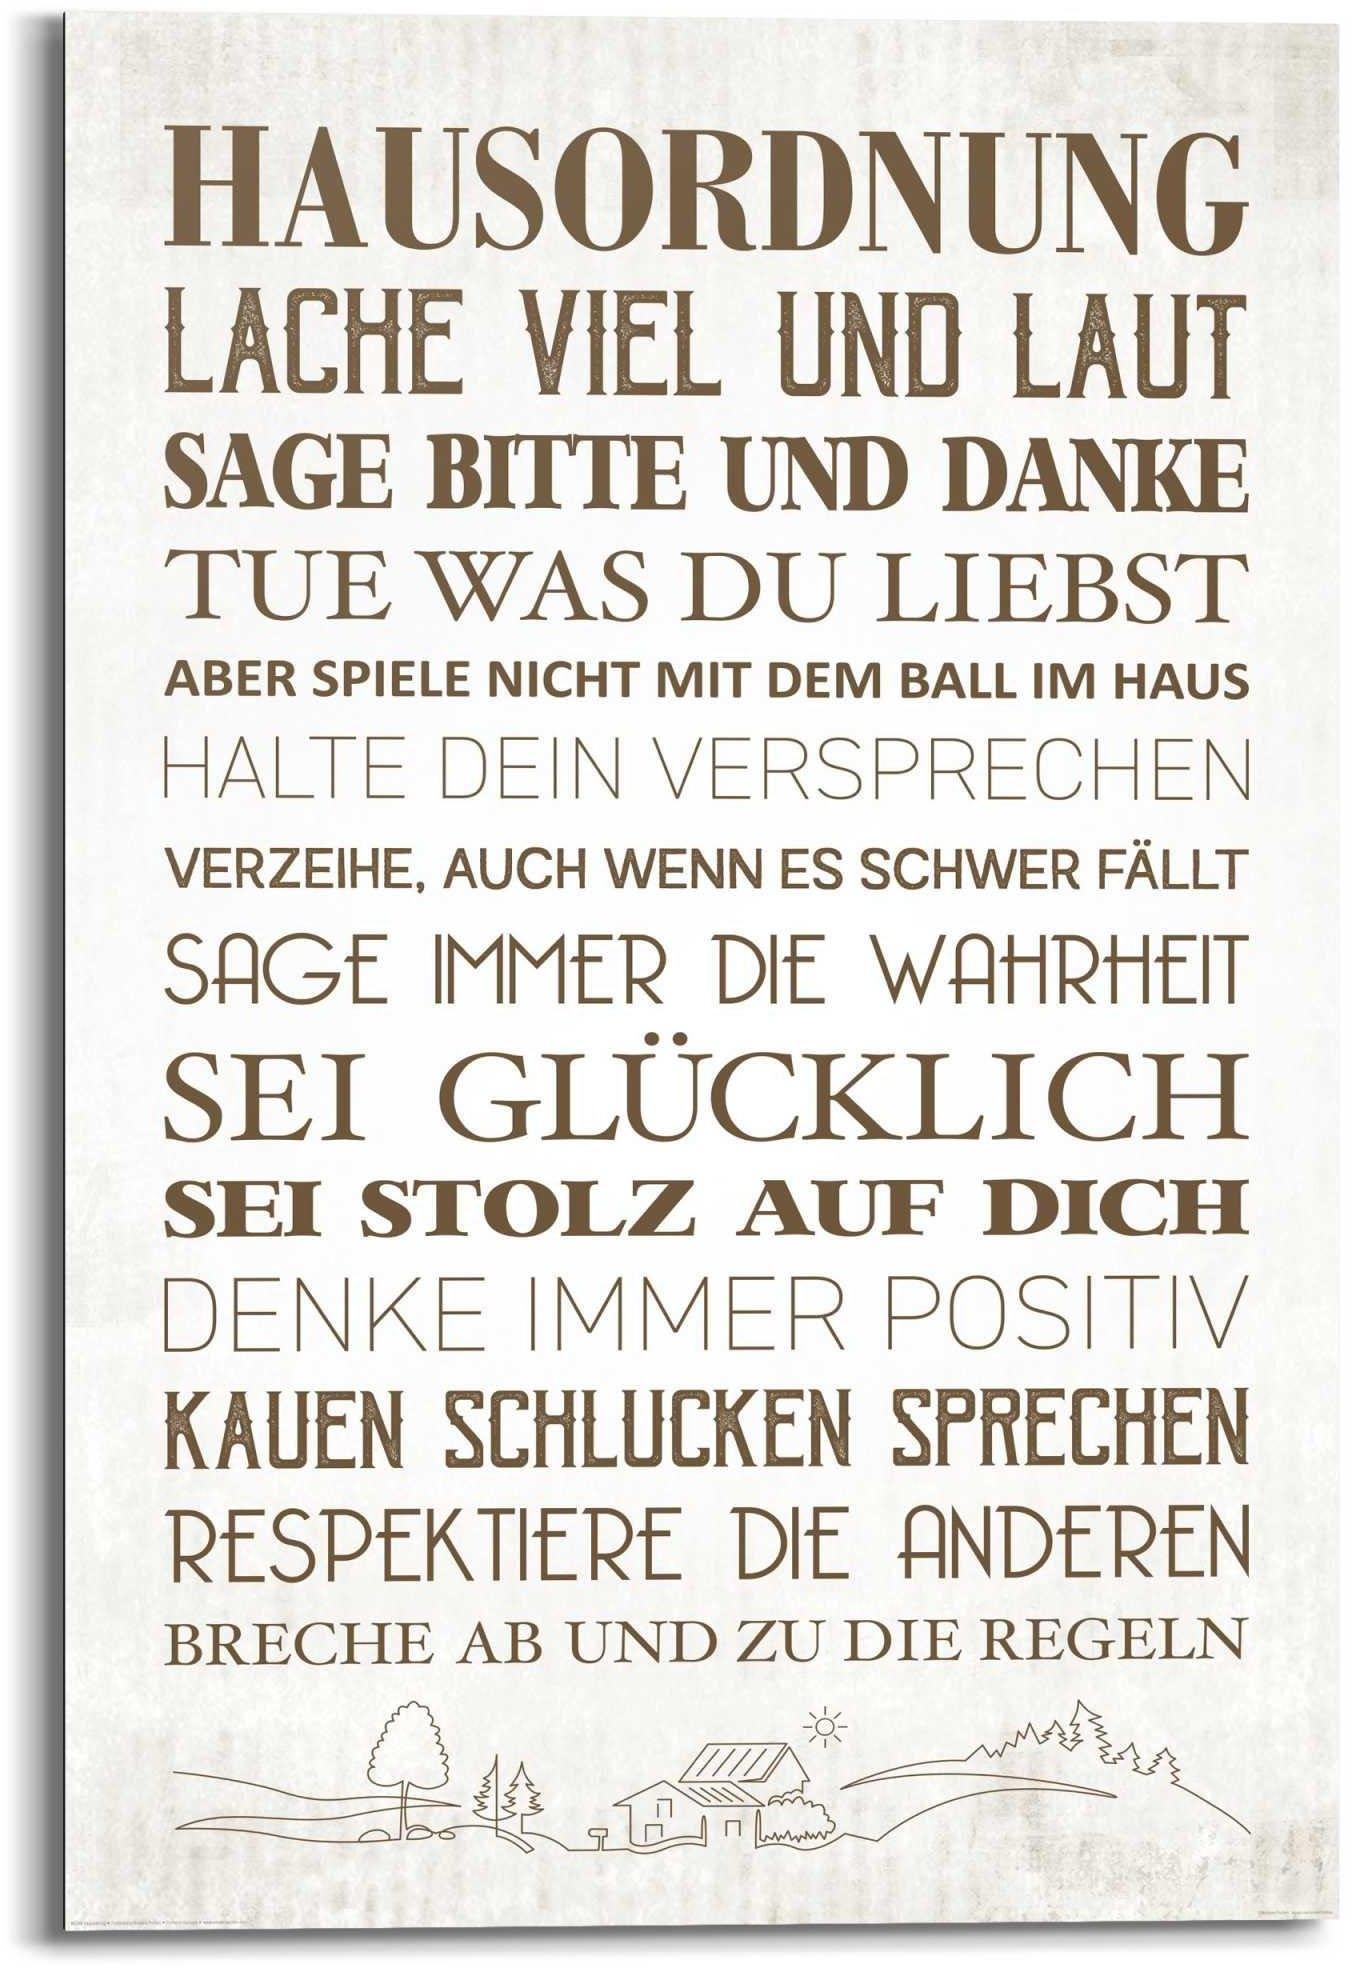 Reinders! artprint Wandbild Hausordnung Familien - Zuhause - Glück - Positiv (1 stuk) nu online bestellen